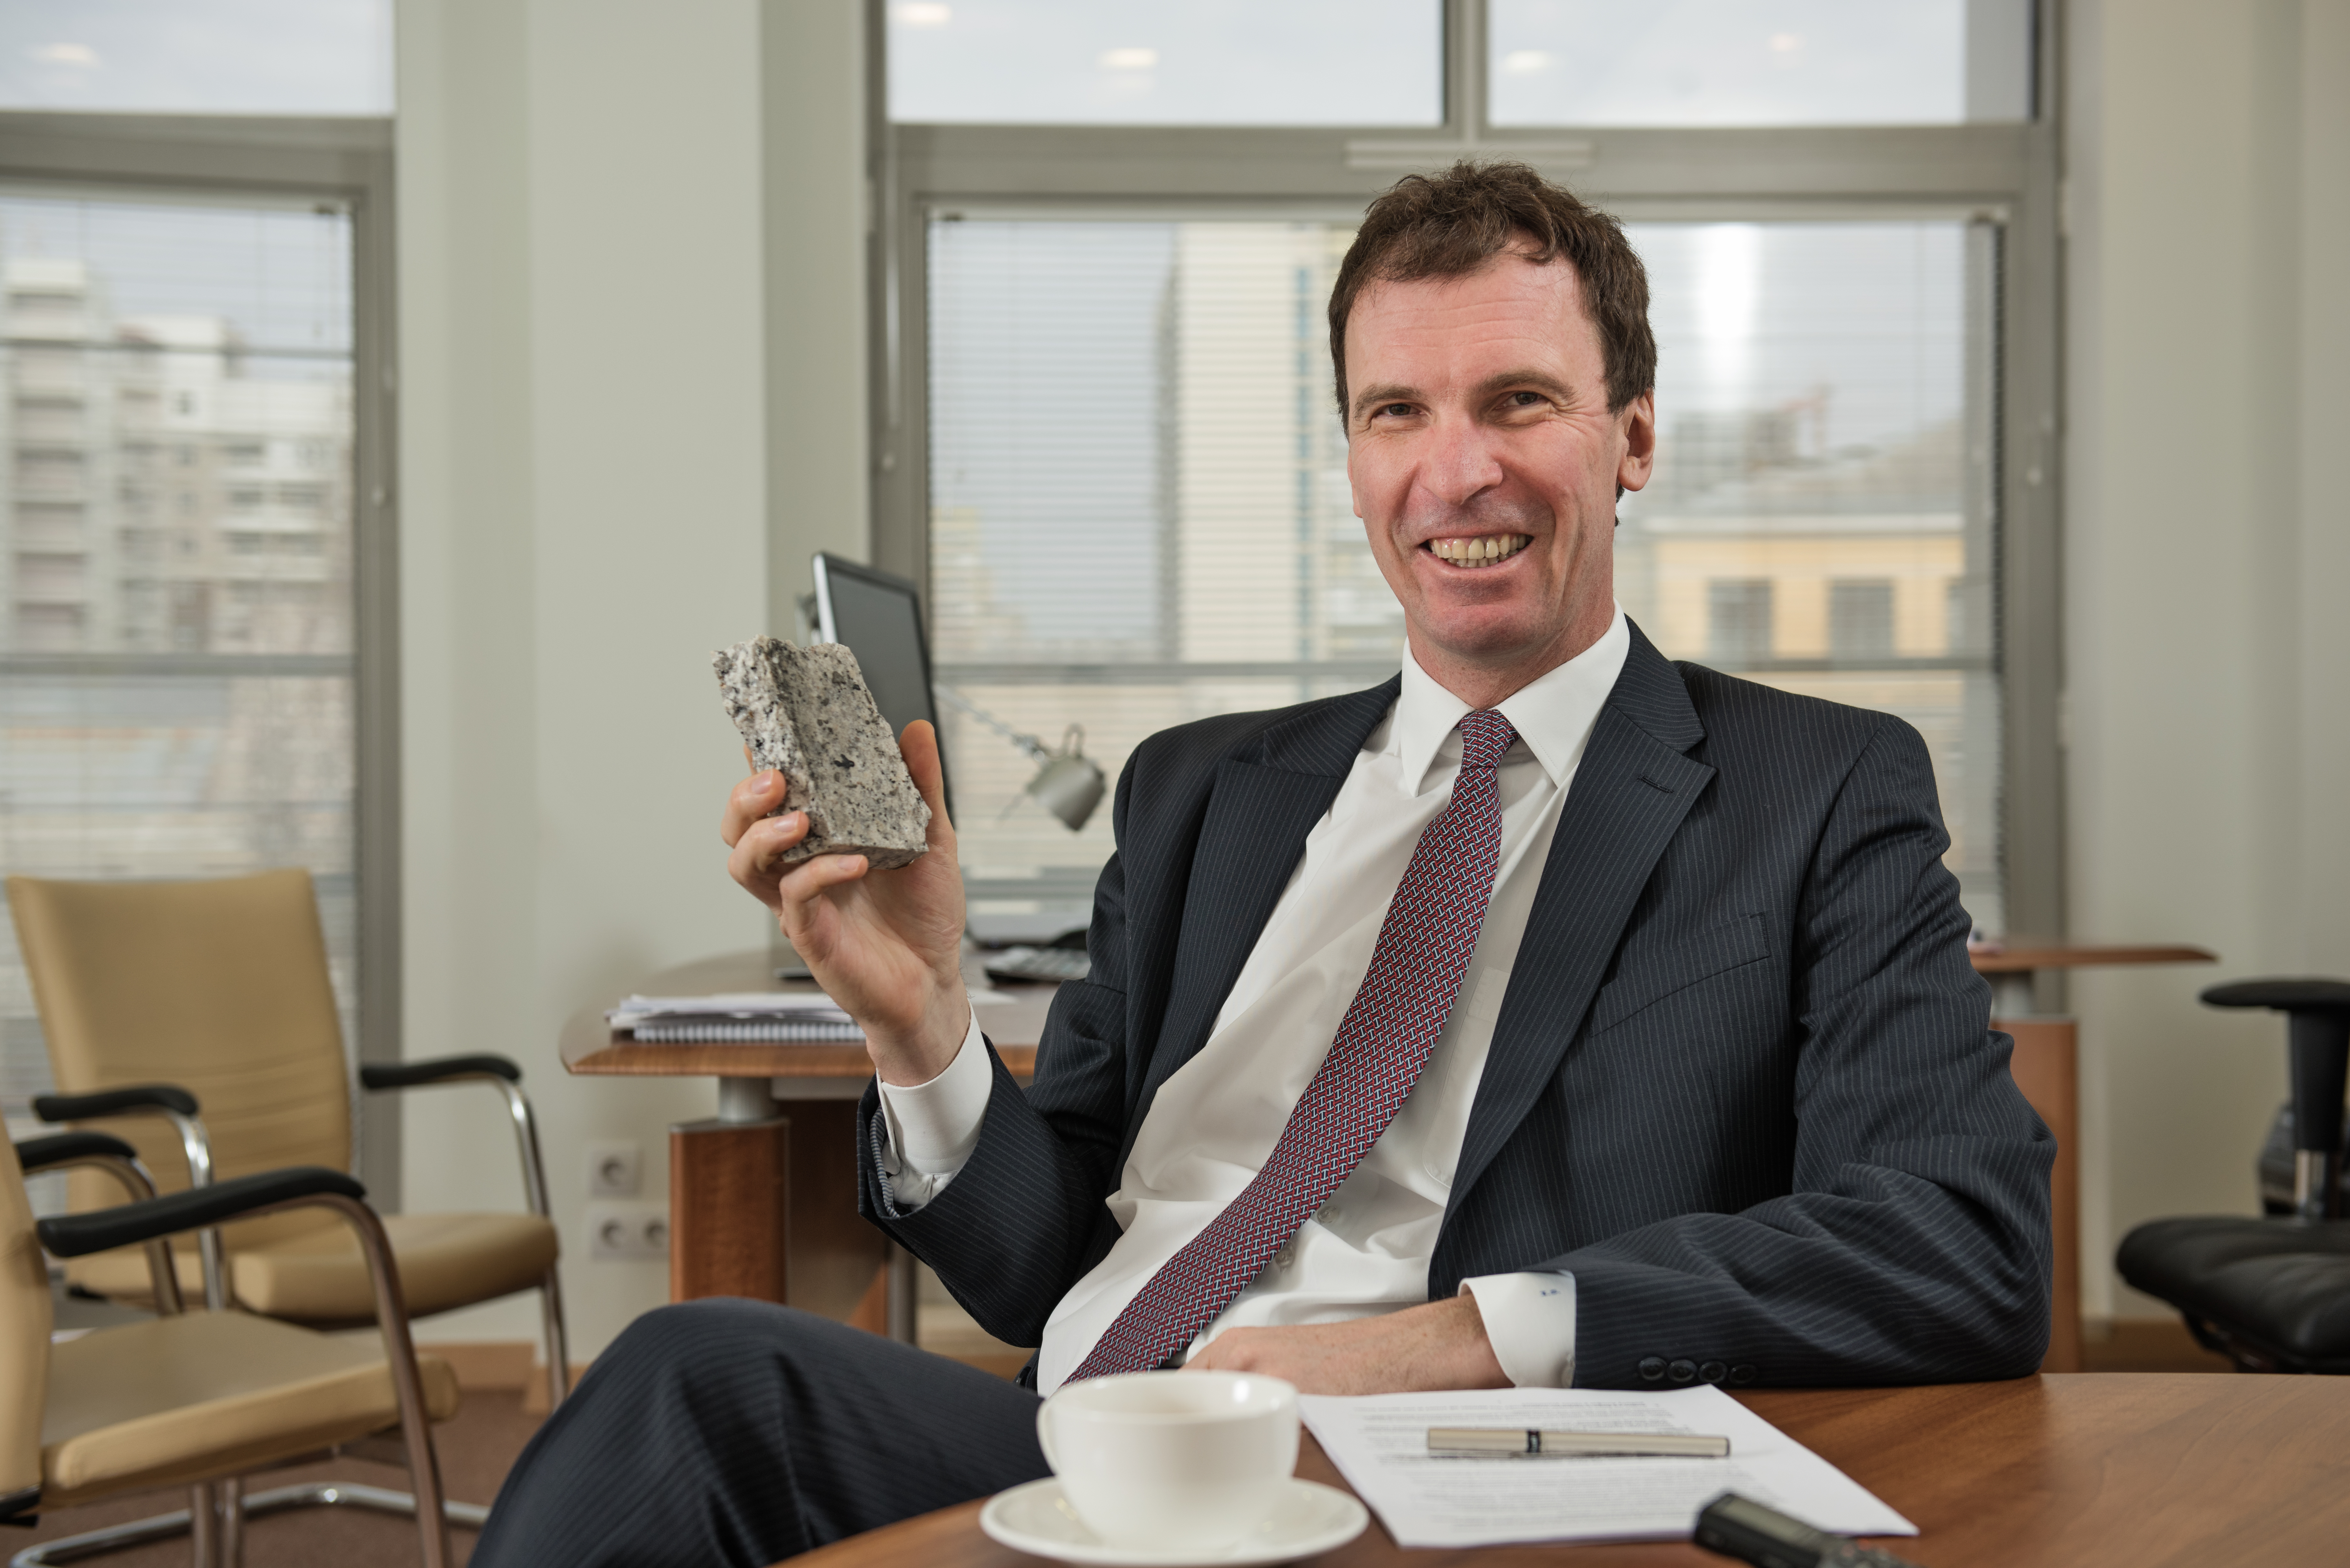 ВИРУС ИННОВАЦИЙ: Иван Свитек, CEO «Альфа-Групп» в Украине, о том, как он видит инновации в крупных компаниях